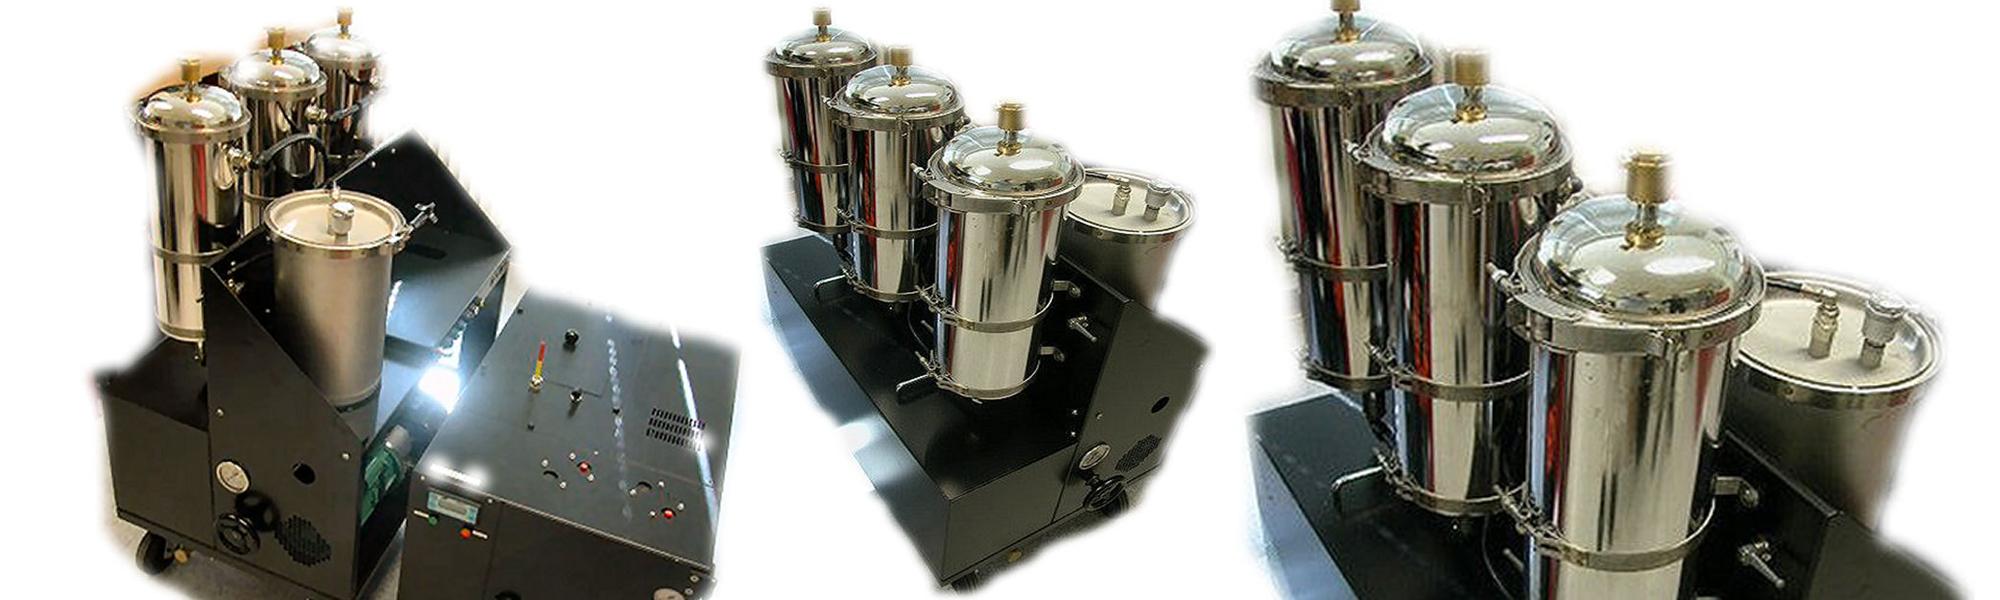 SX-Dielectric unit